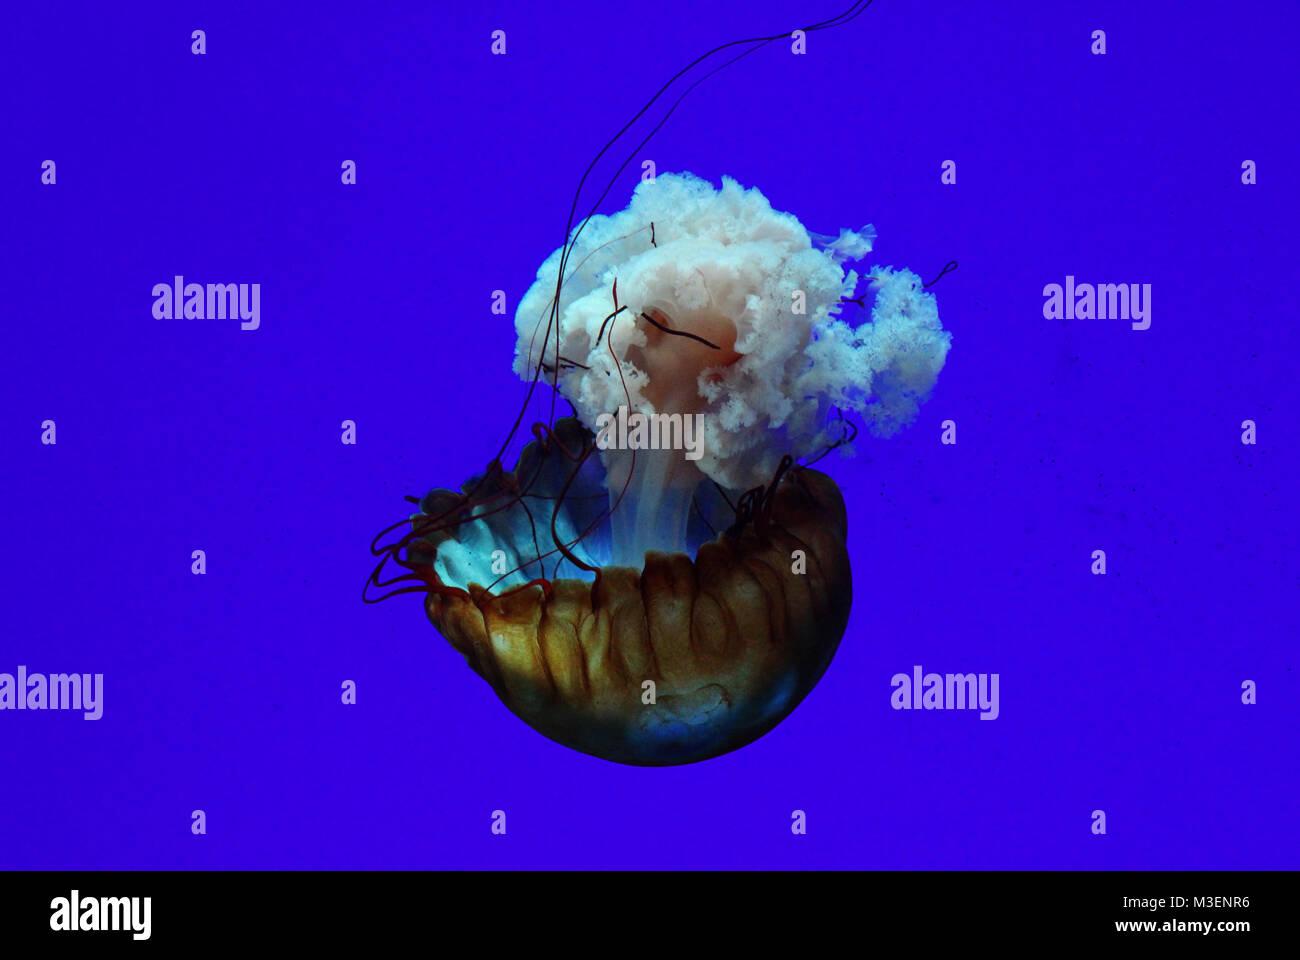 Les Méduses isolées dans l'eau d'un bleu profond Photo Stock